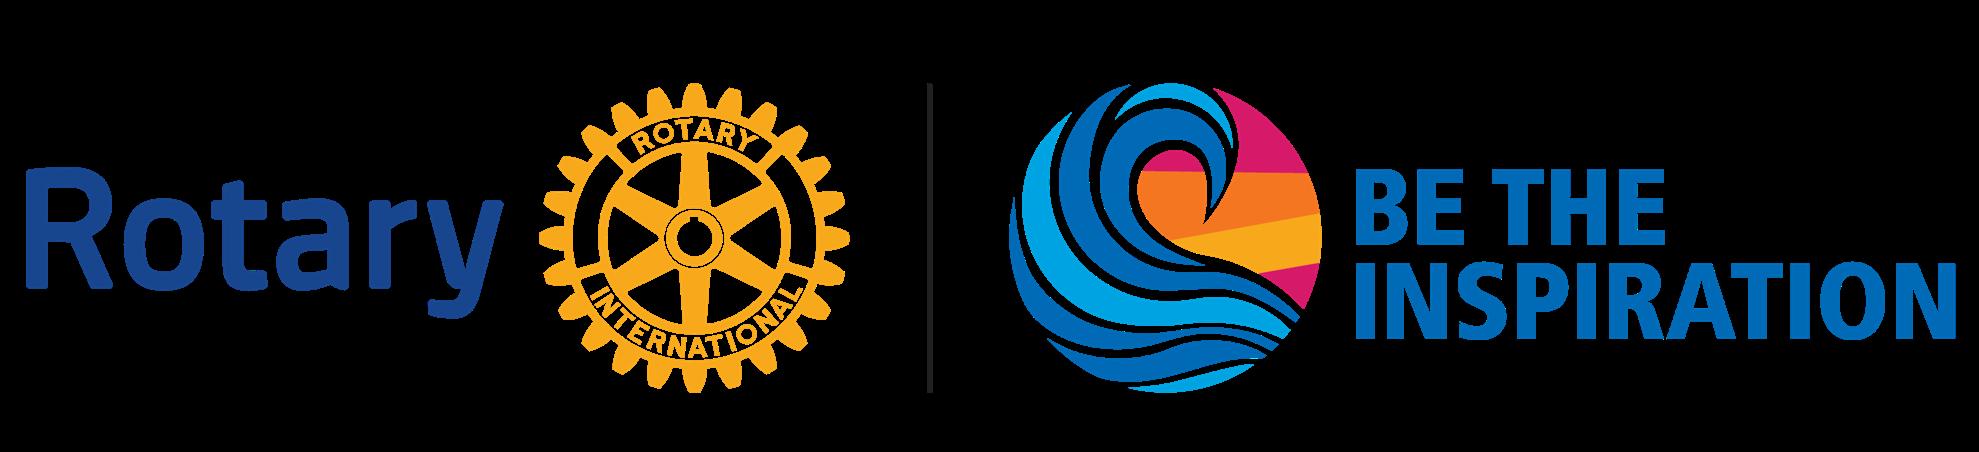 Program: International Assembly - 2018-19 Theme Address